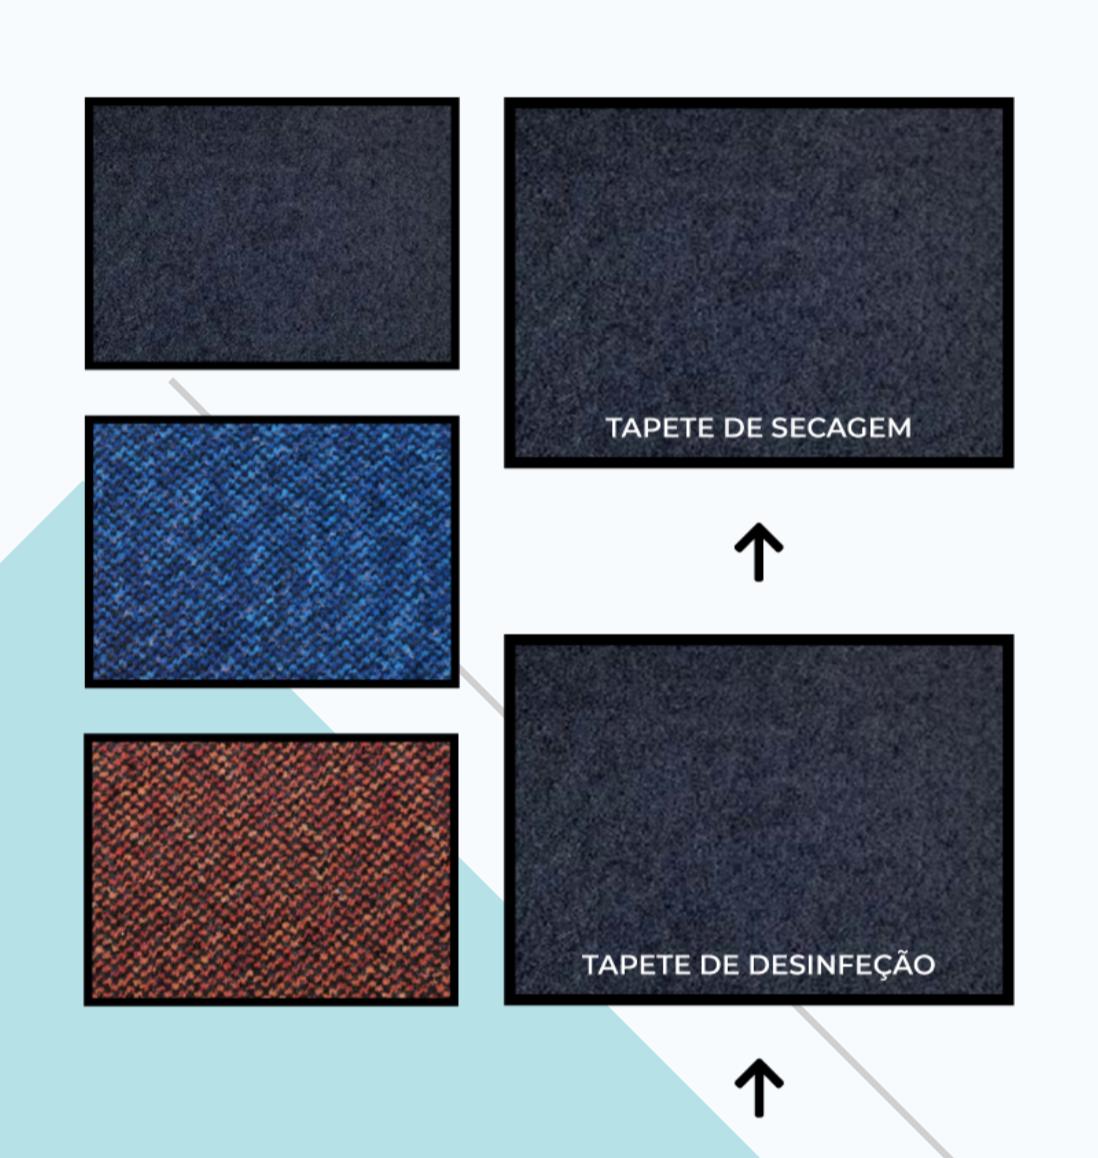 Tapete desinfetante e tapete de secagem